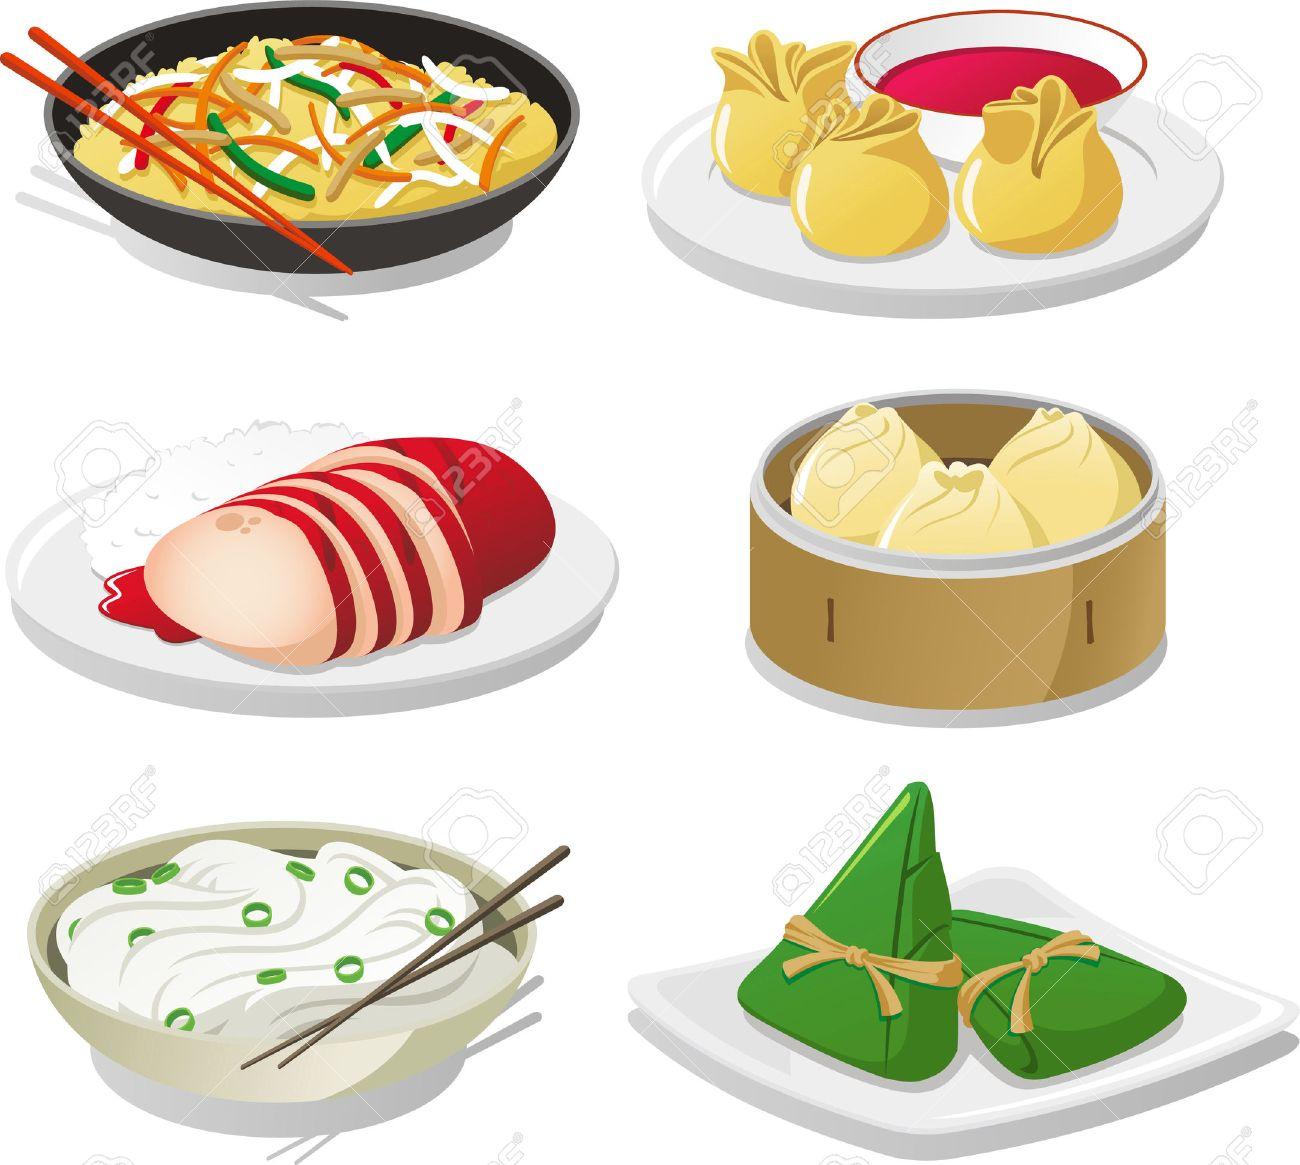 中華料理イラスト アイコンのイラスト素材ベクタ Image 33787617